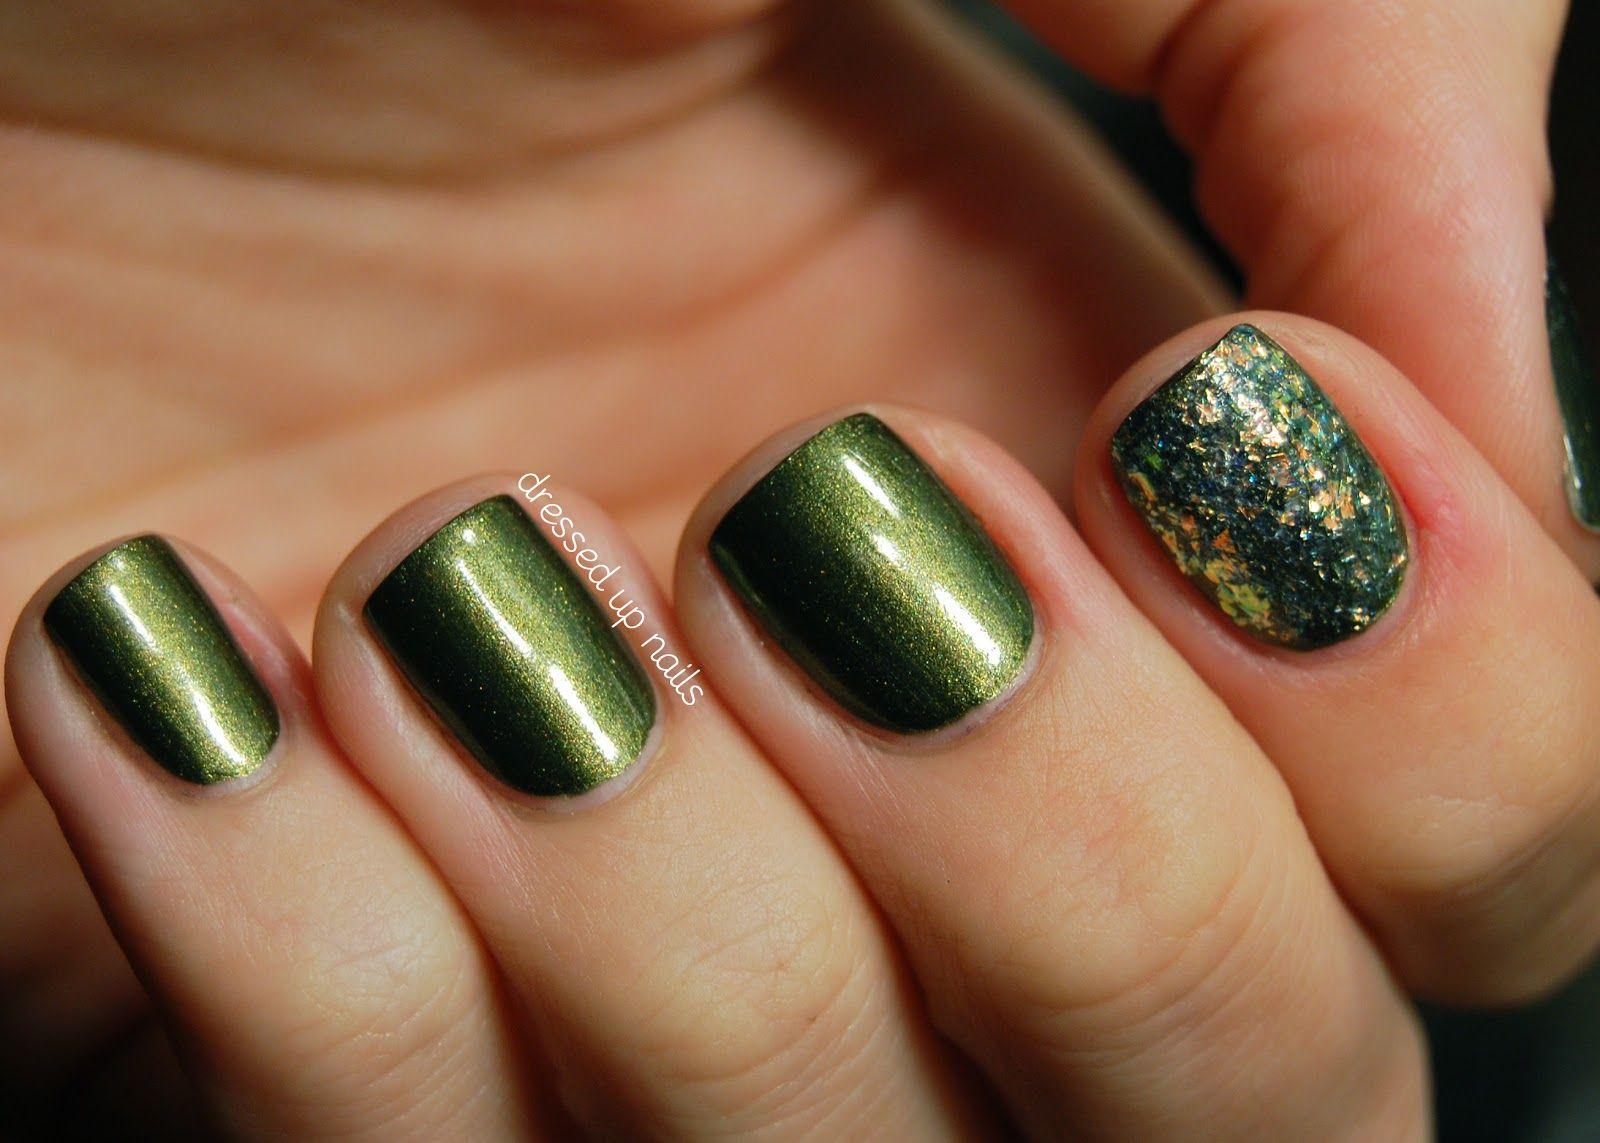 Dressed Up Nails November 2012 Prom Nail Art Nailed It